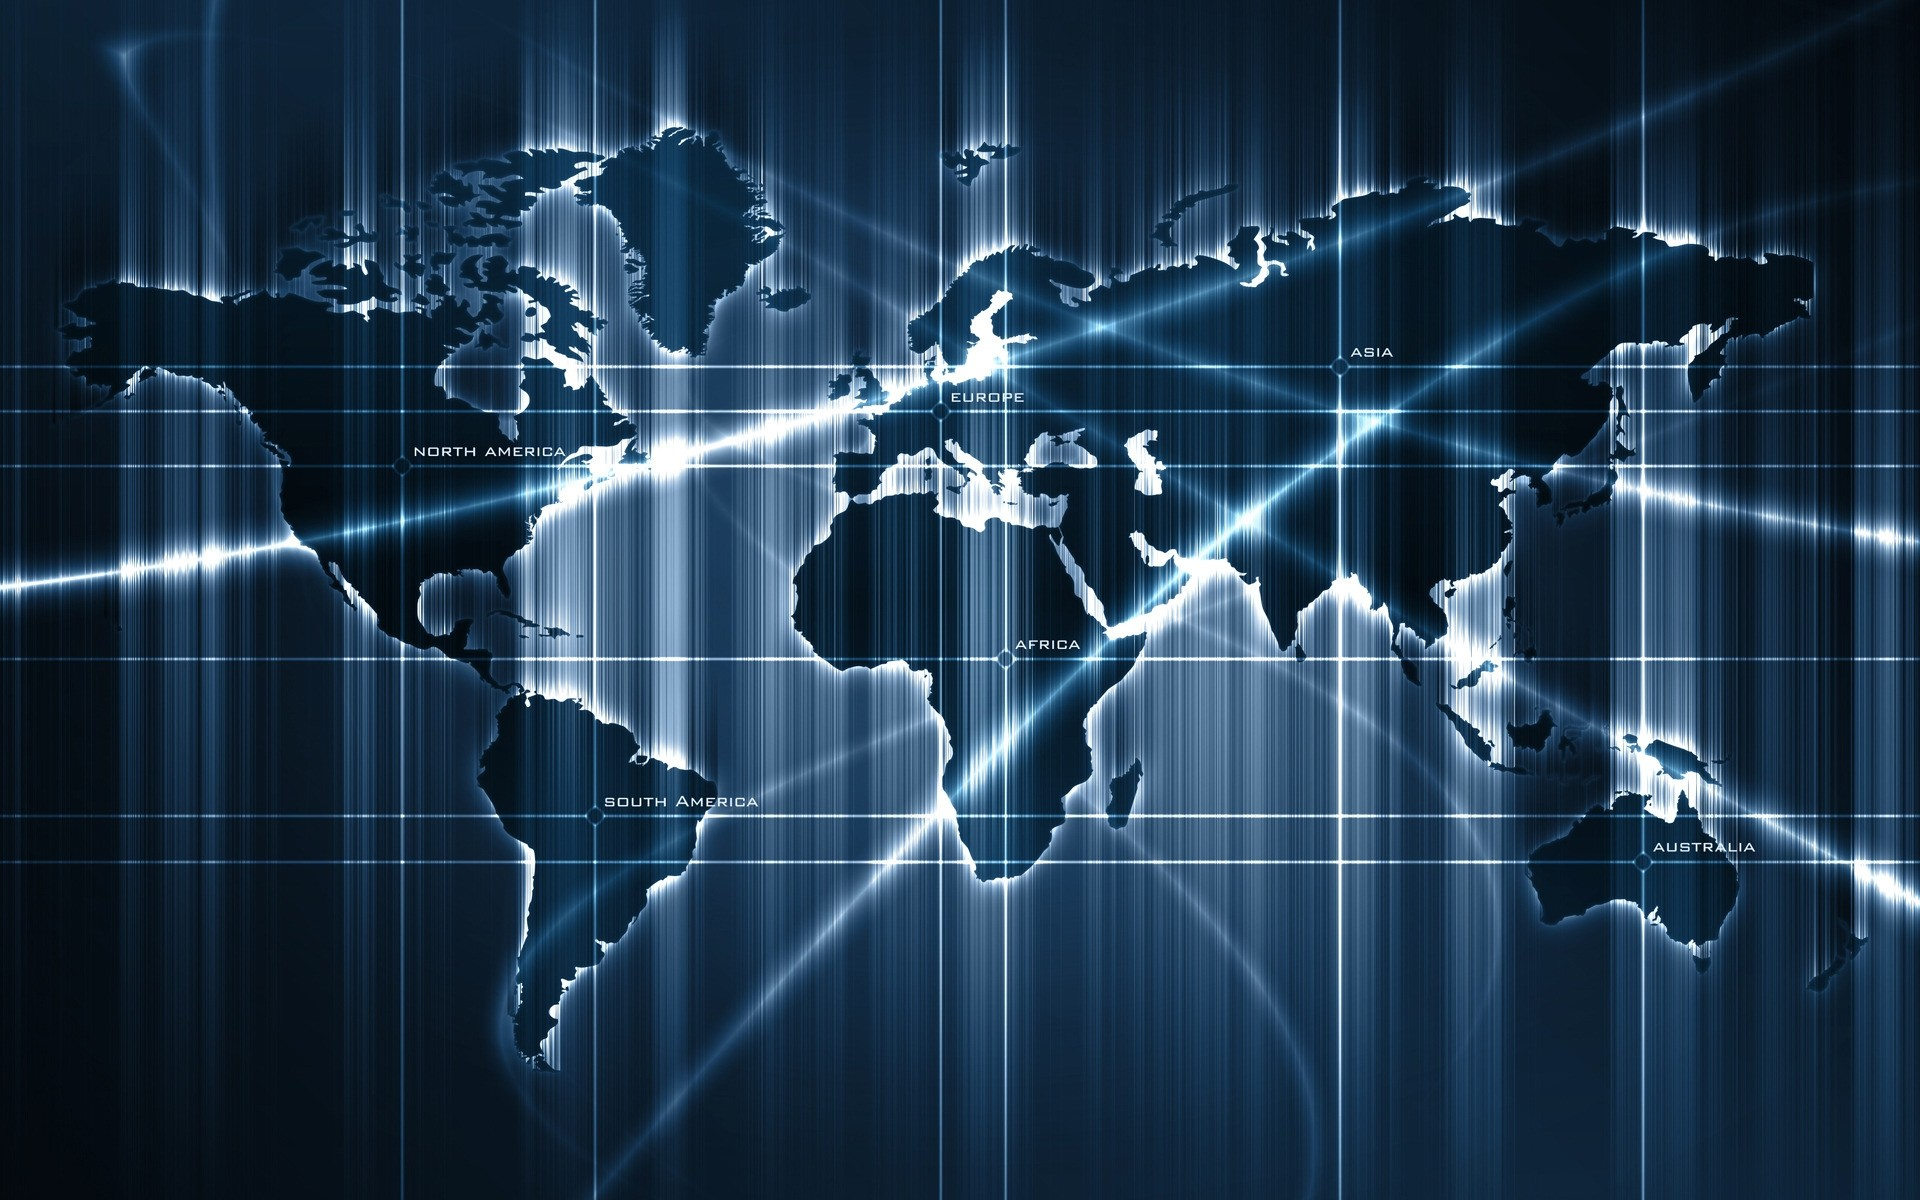 карта мира фото рабочего стола нужно сформировать